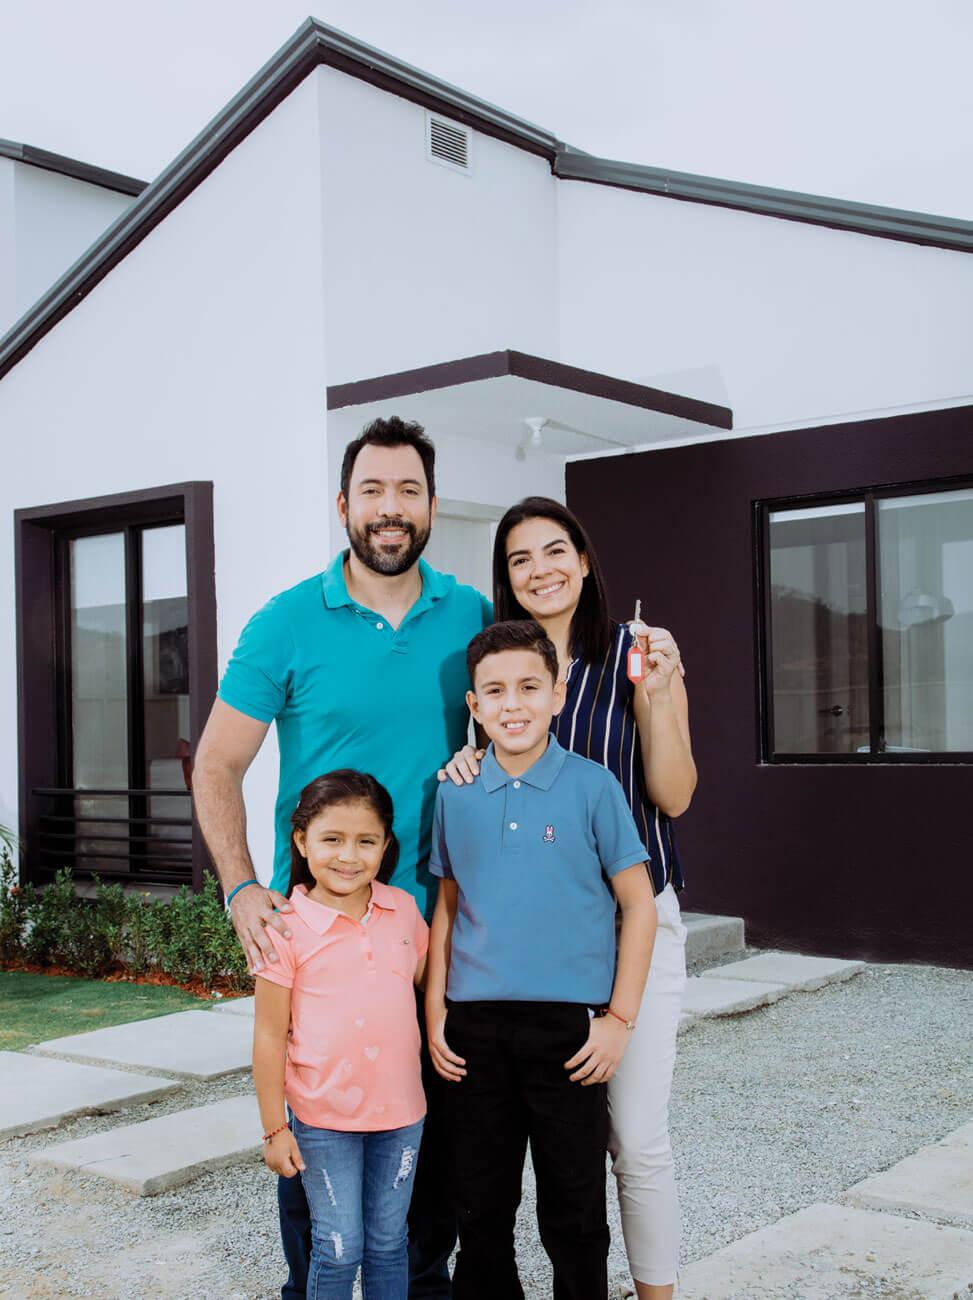 galilea-ecuador-proyectos-inmobiliarios-tu-casa-nueva-ahora (1)